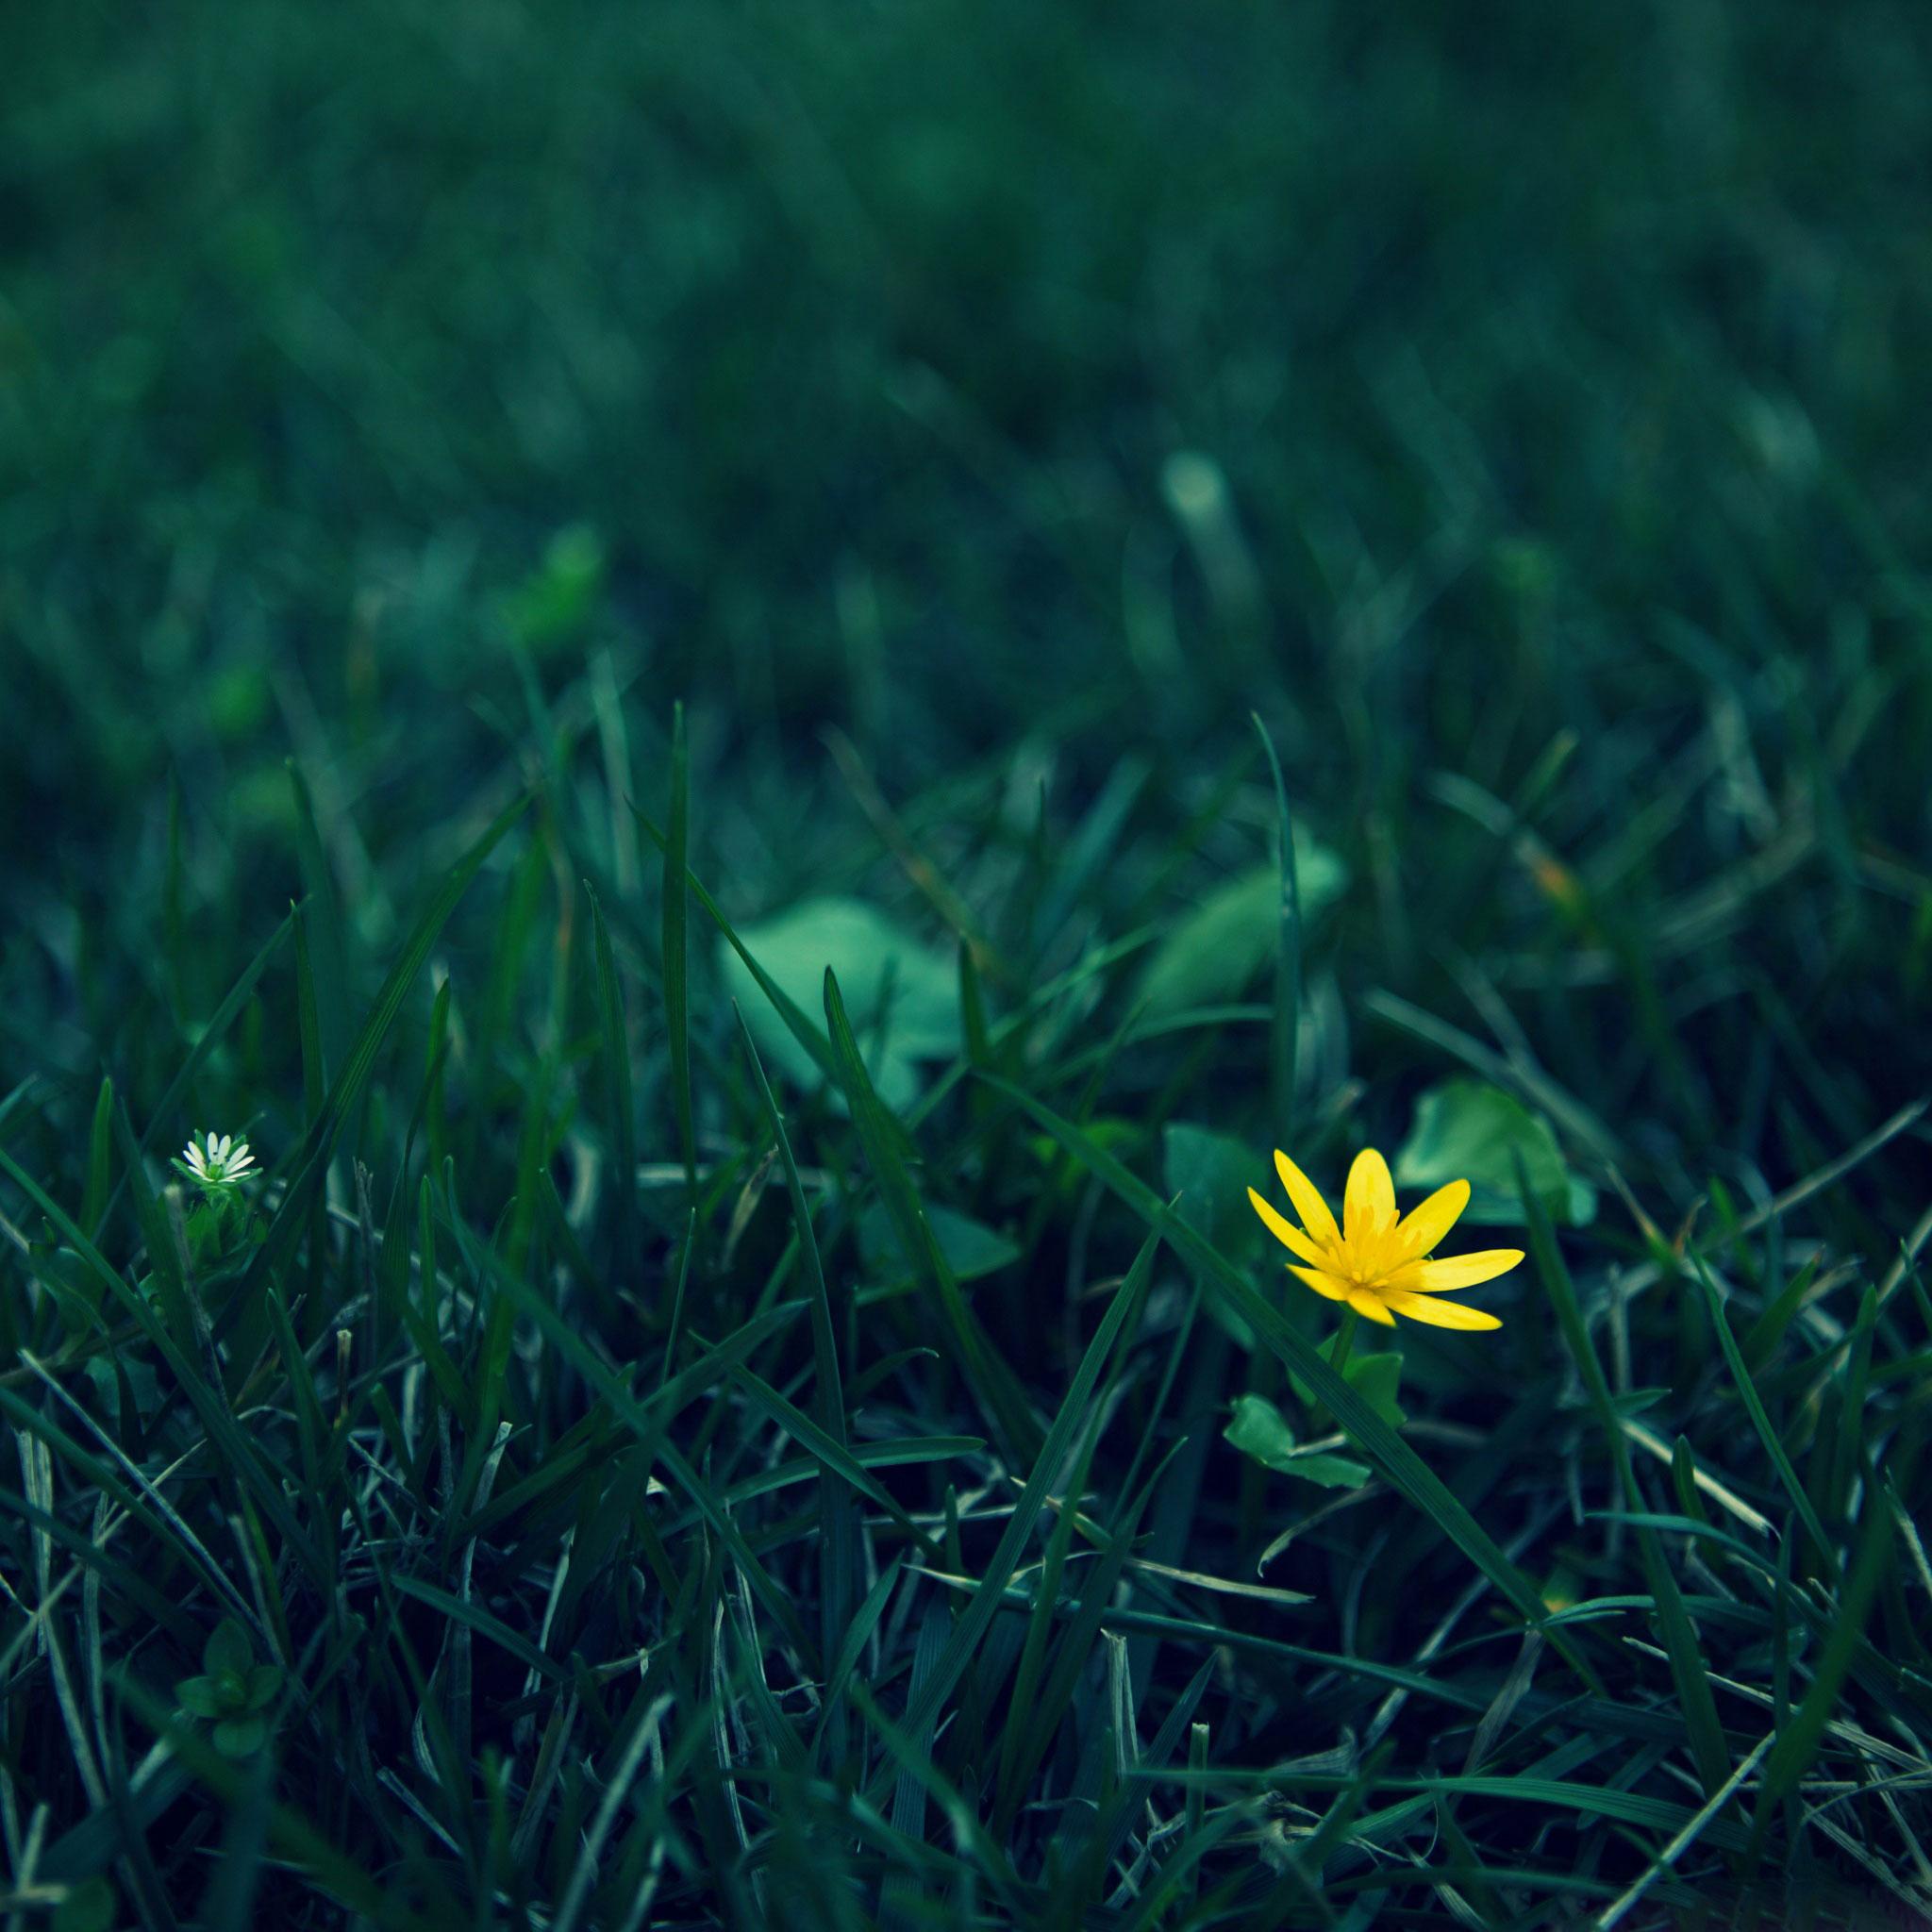 Flor no mato